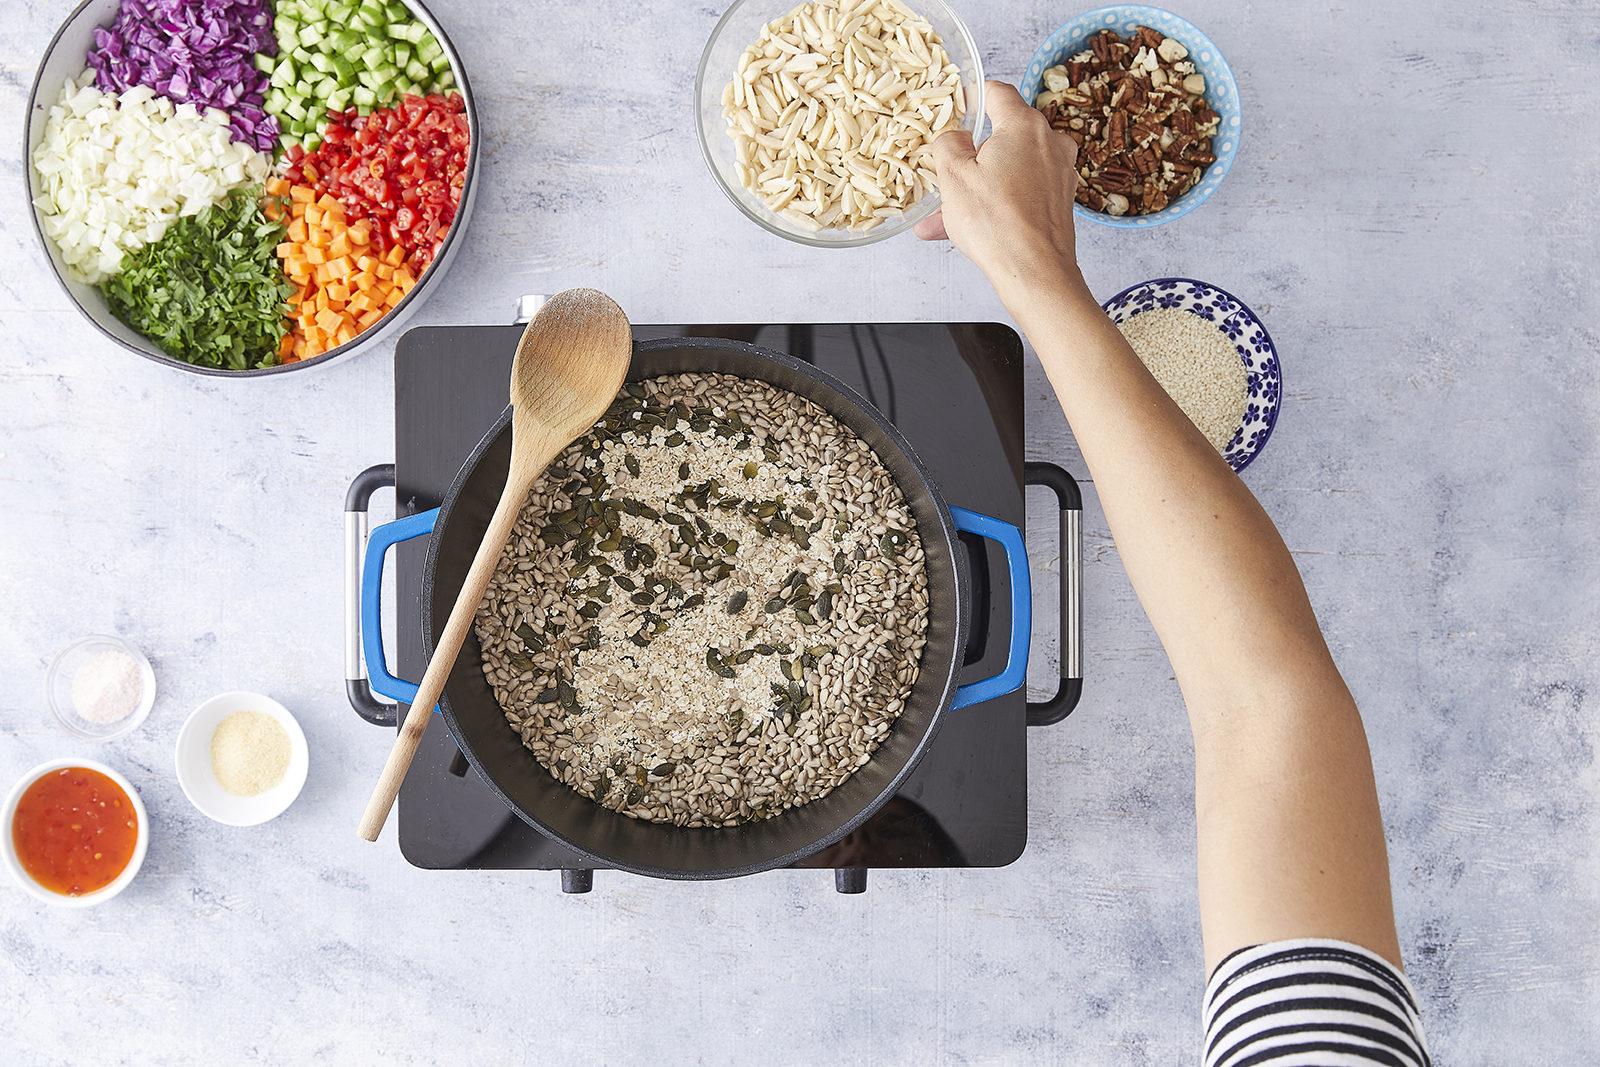 שלב רביעי - סלט ירקות עם גרנולה מלוחה מושלמת של קרוטית